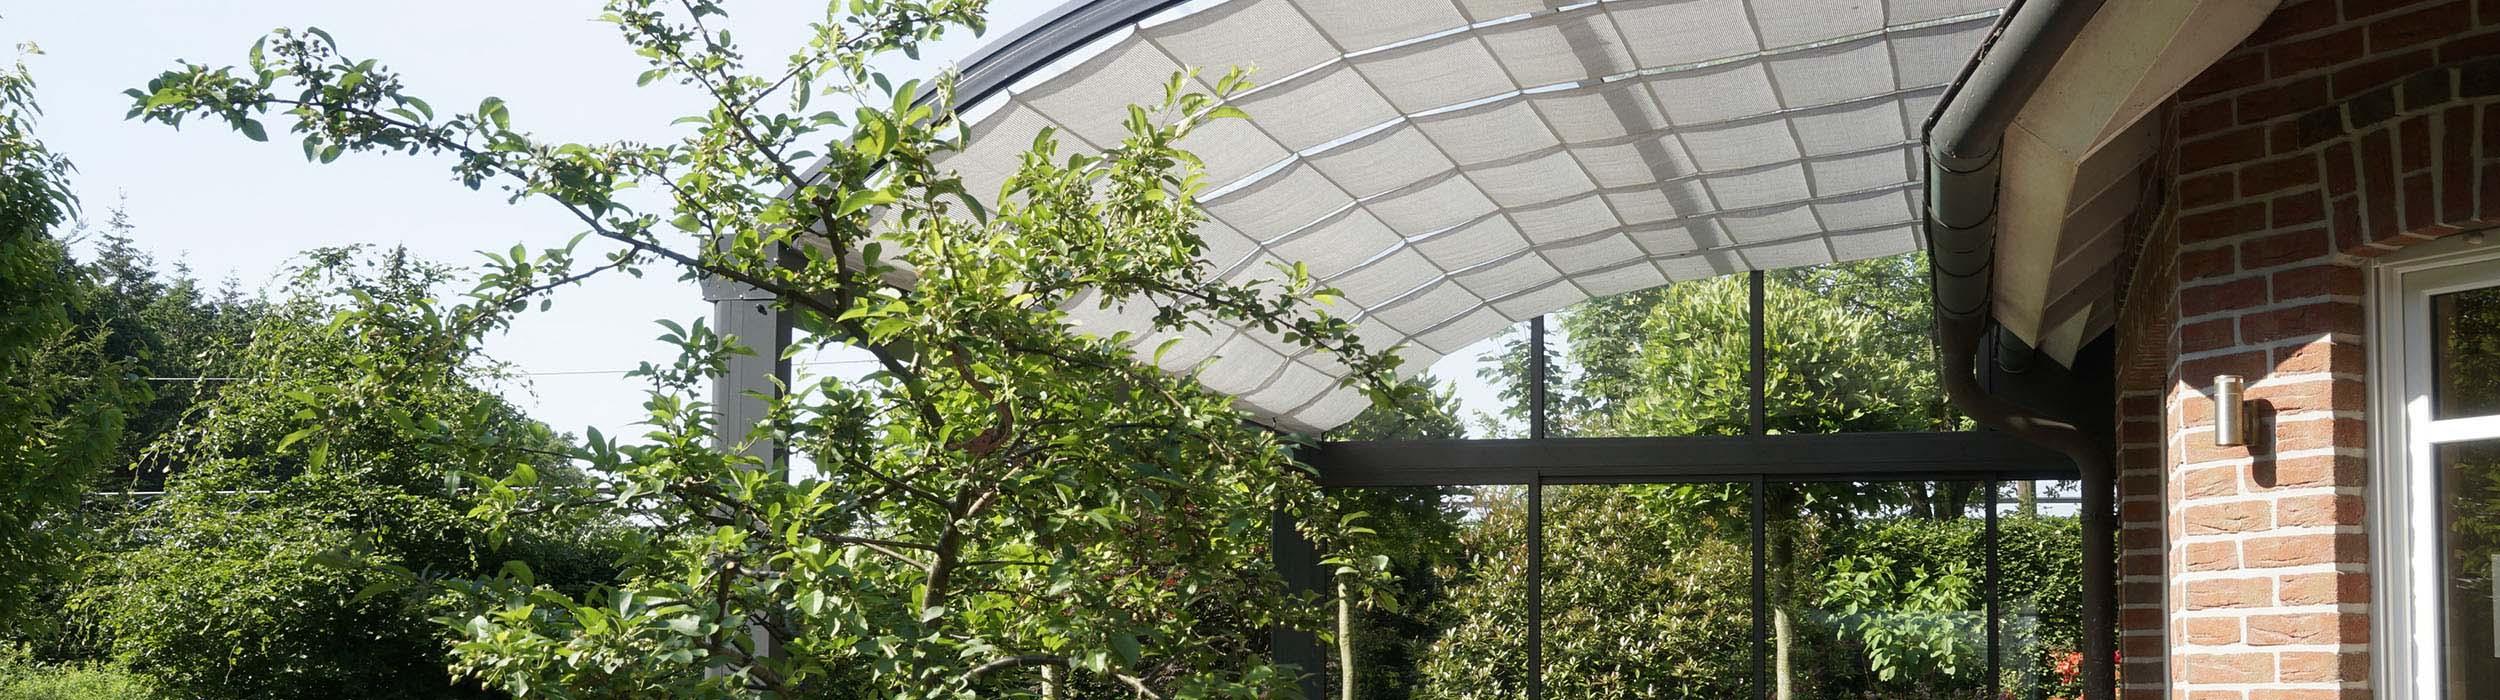 Sehr Sonnenschutz für die Terrasse– heißer Kaffee, kühler Kopf PO95